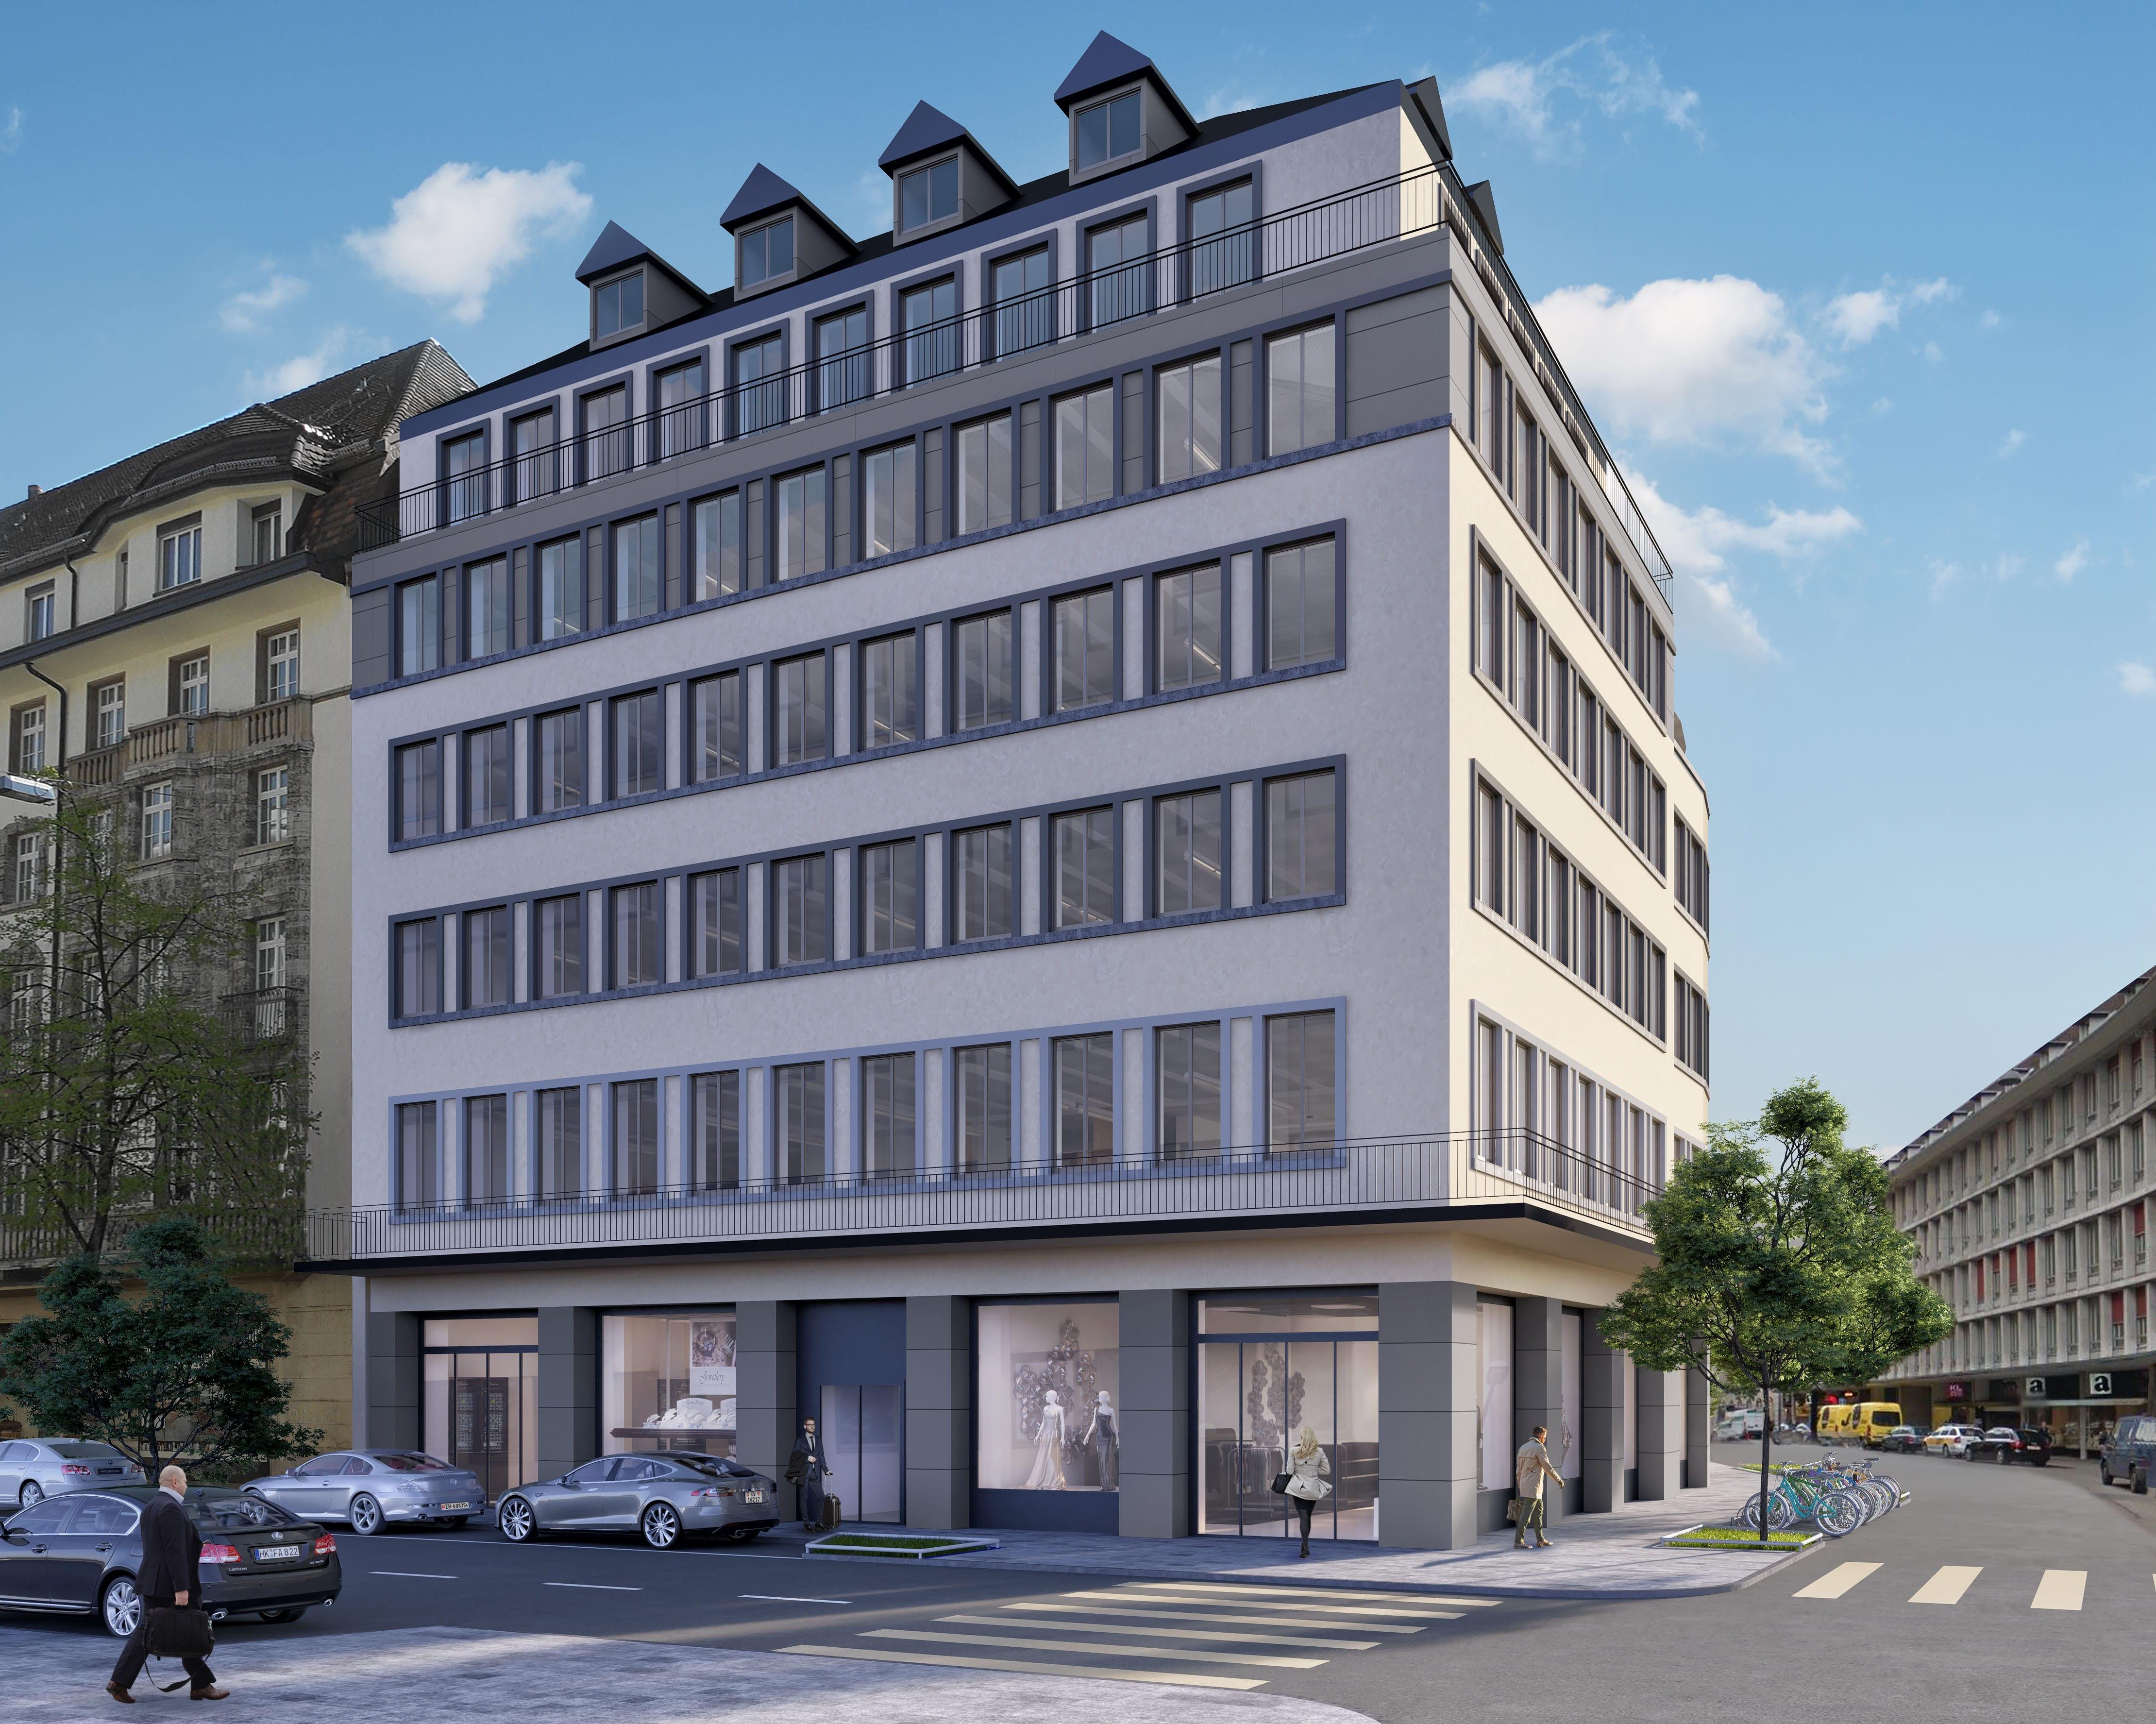 Architekturvisualisierung, Gewerbebau, Bürogebäude, Gewerbehaus, Bürohaus, Zürich